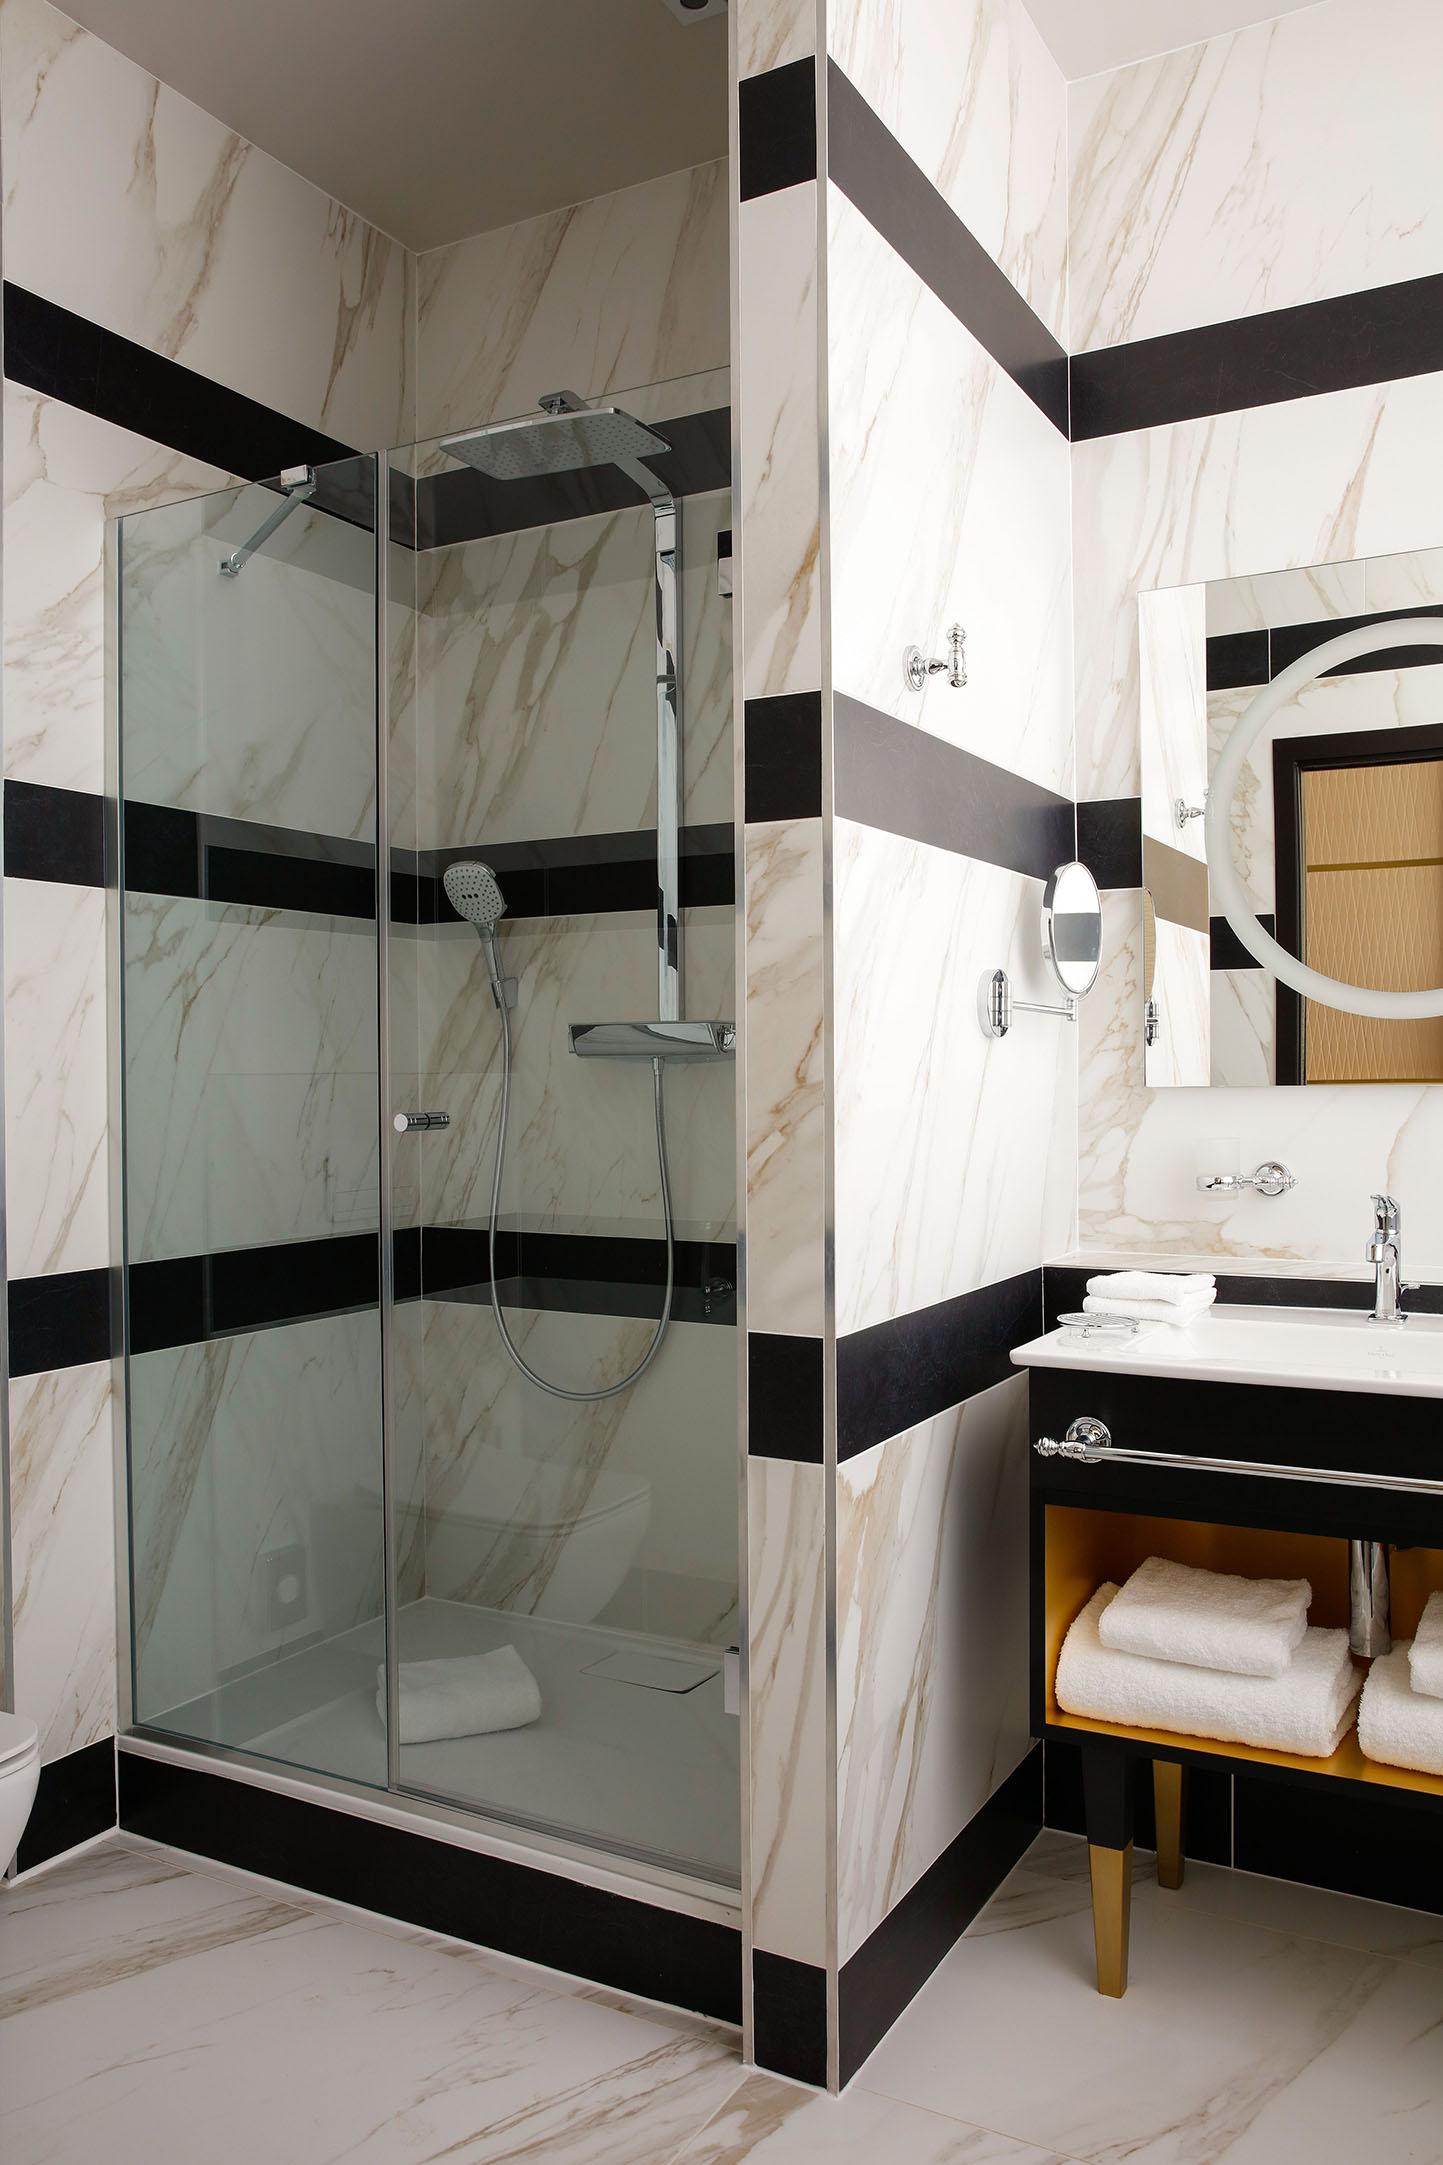 chambre-privilege-salle-de-bain-02